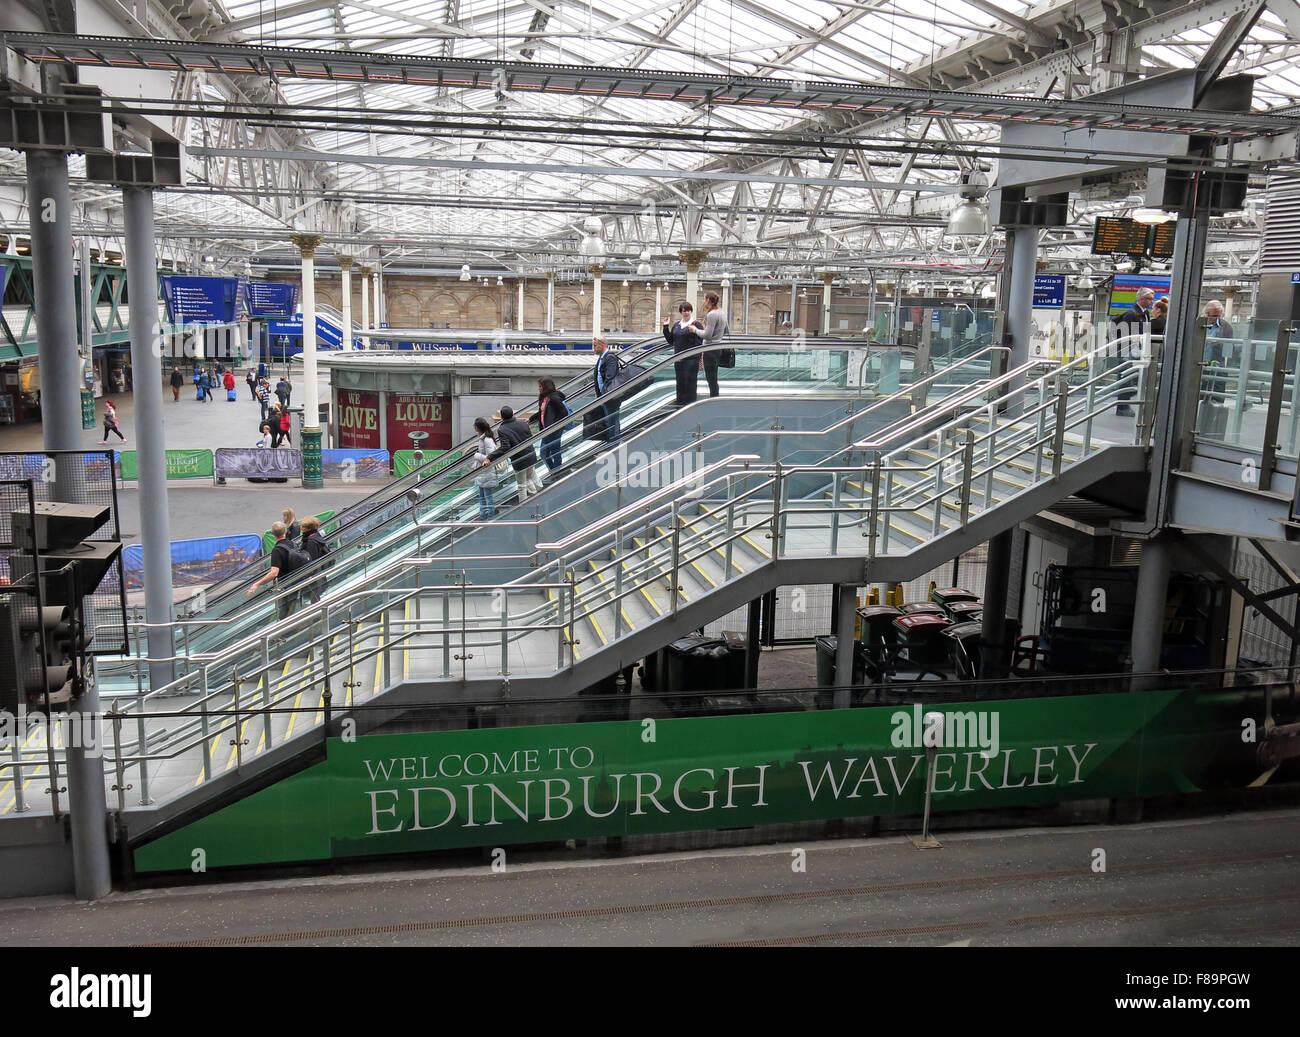 Laden Sie dieses Alamy Stockfoto Waverley-Bahnhof, Edinburgh, Schottland mit Passagieren - F89PGW